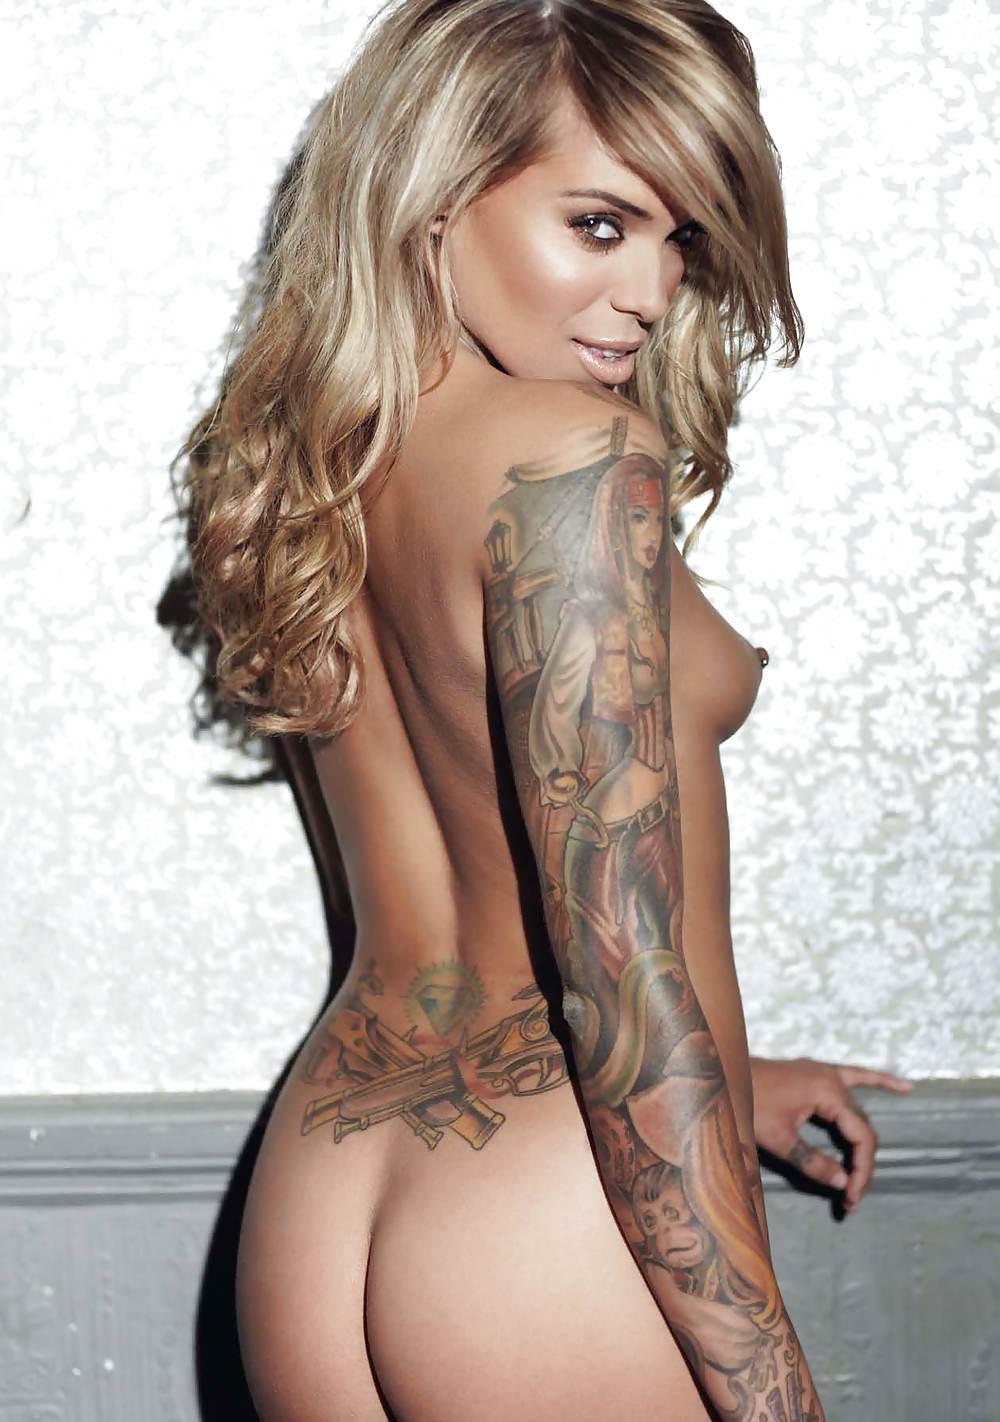 Naked tattoo pics 8